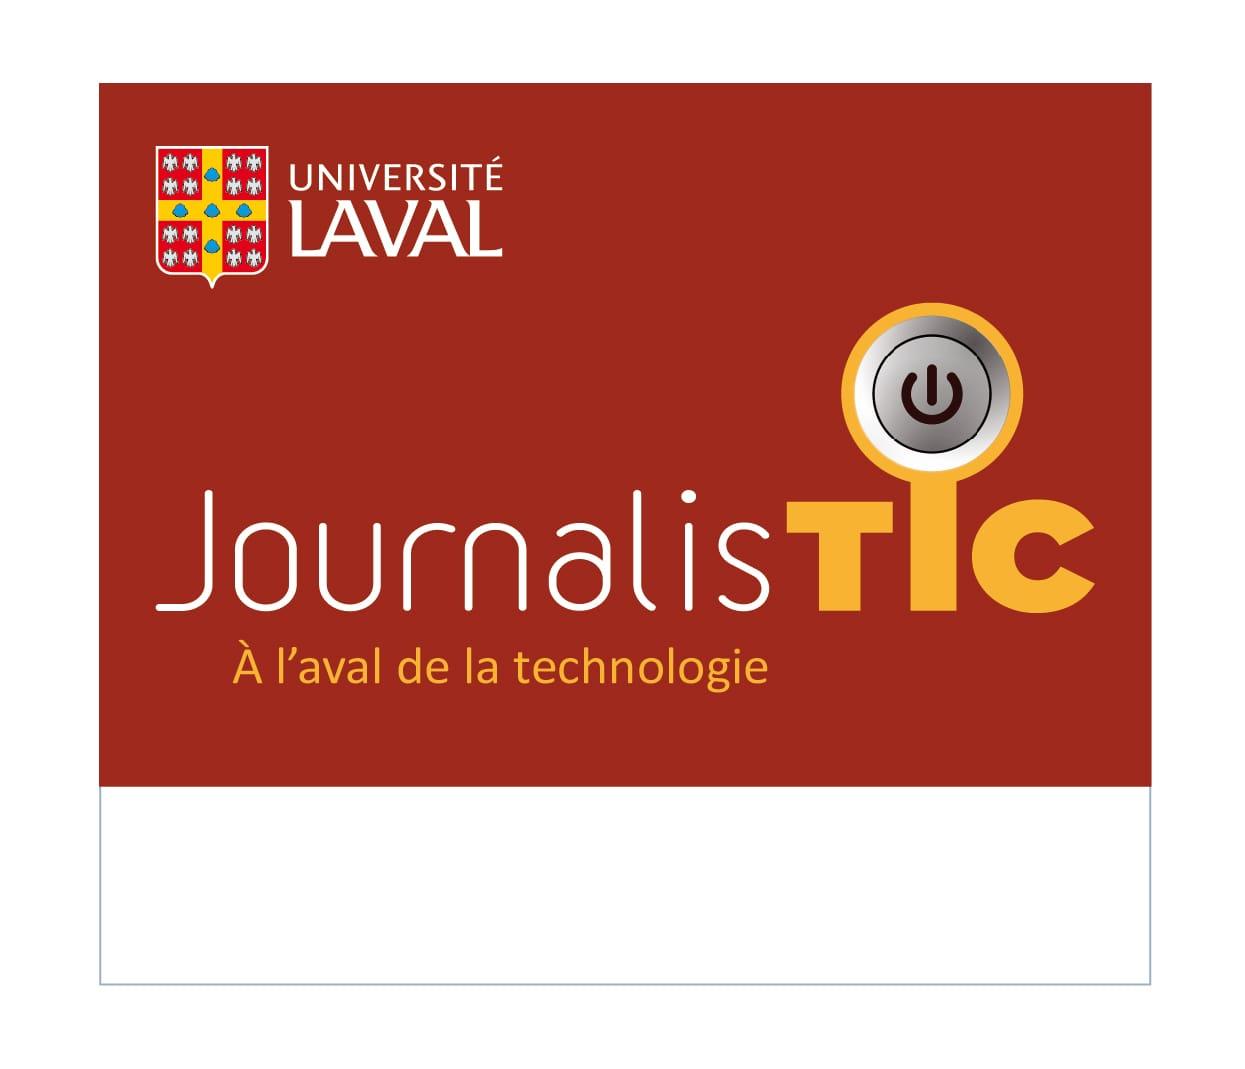 logo1_UL